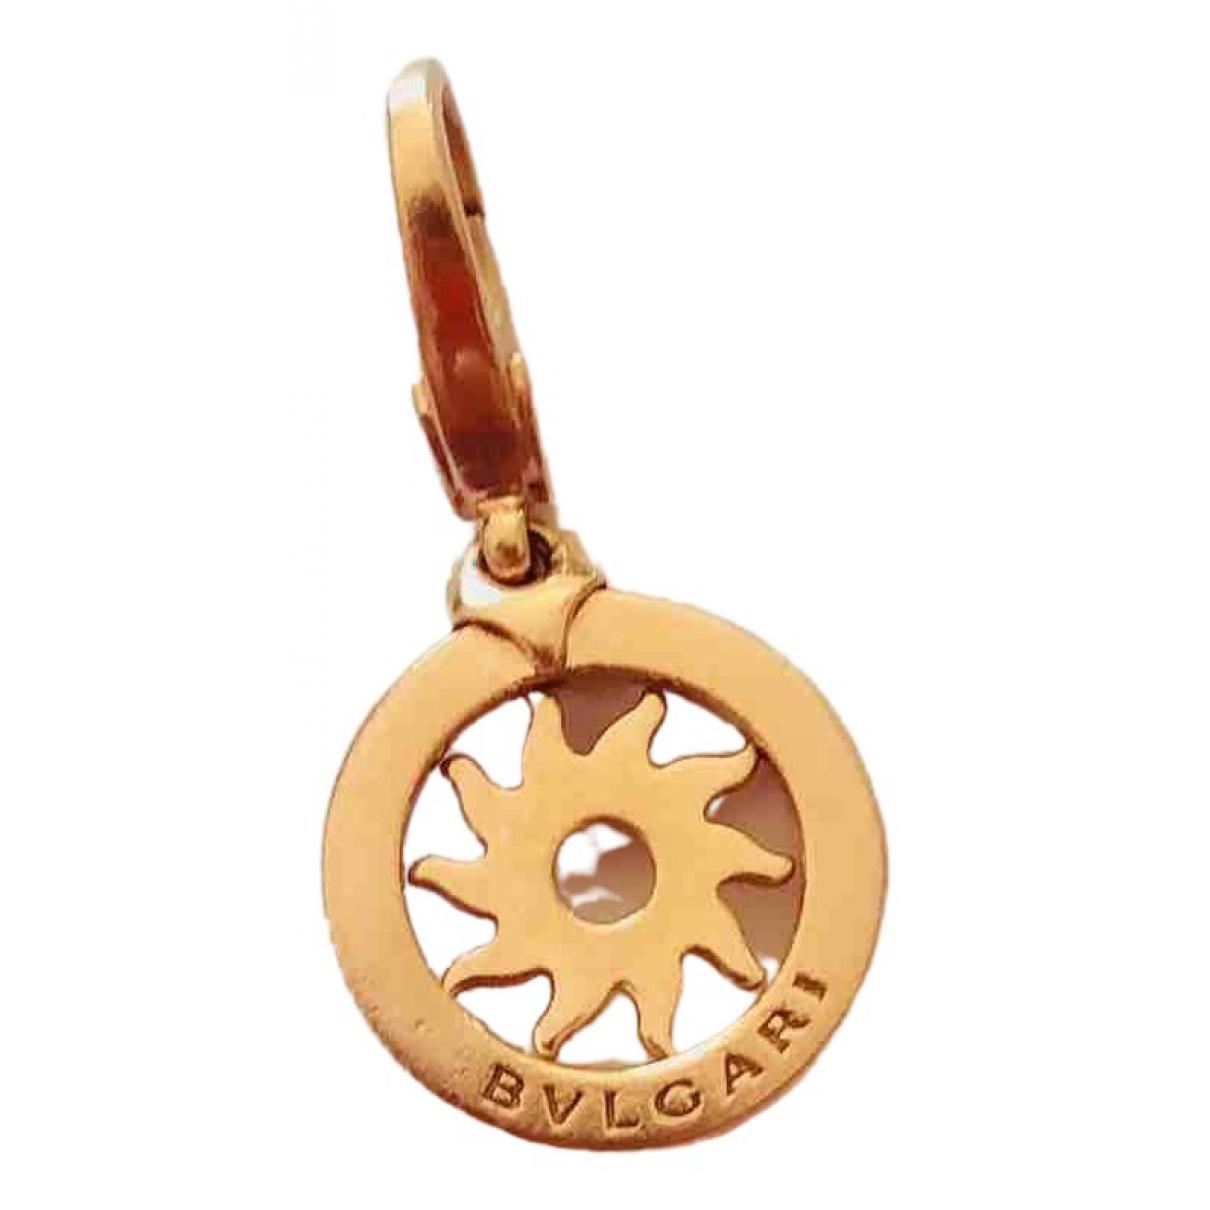 Bvlgari Tondo Anhaenger in  Gold Gelbgold